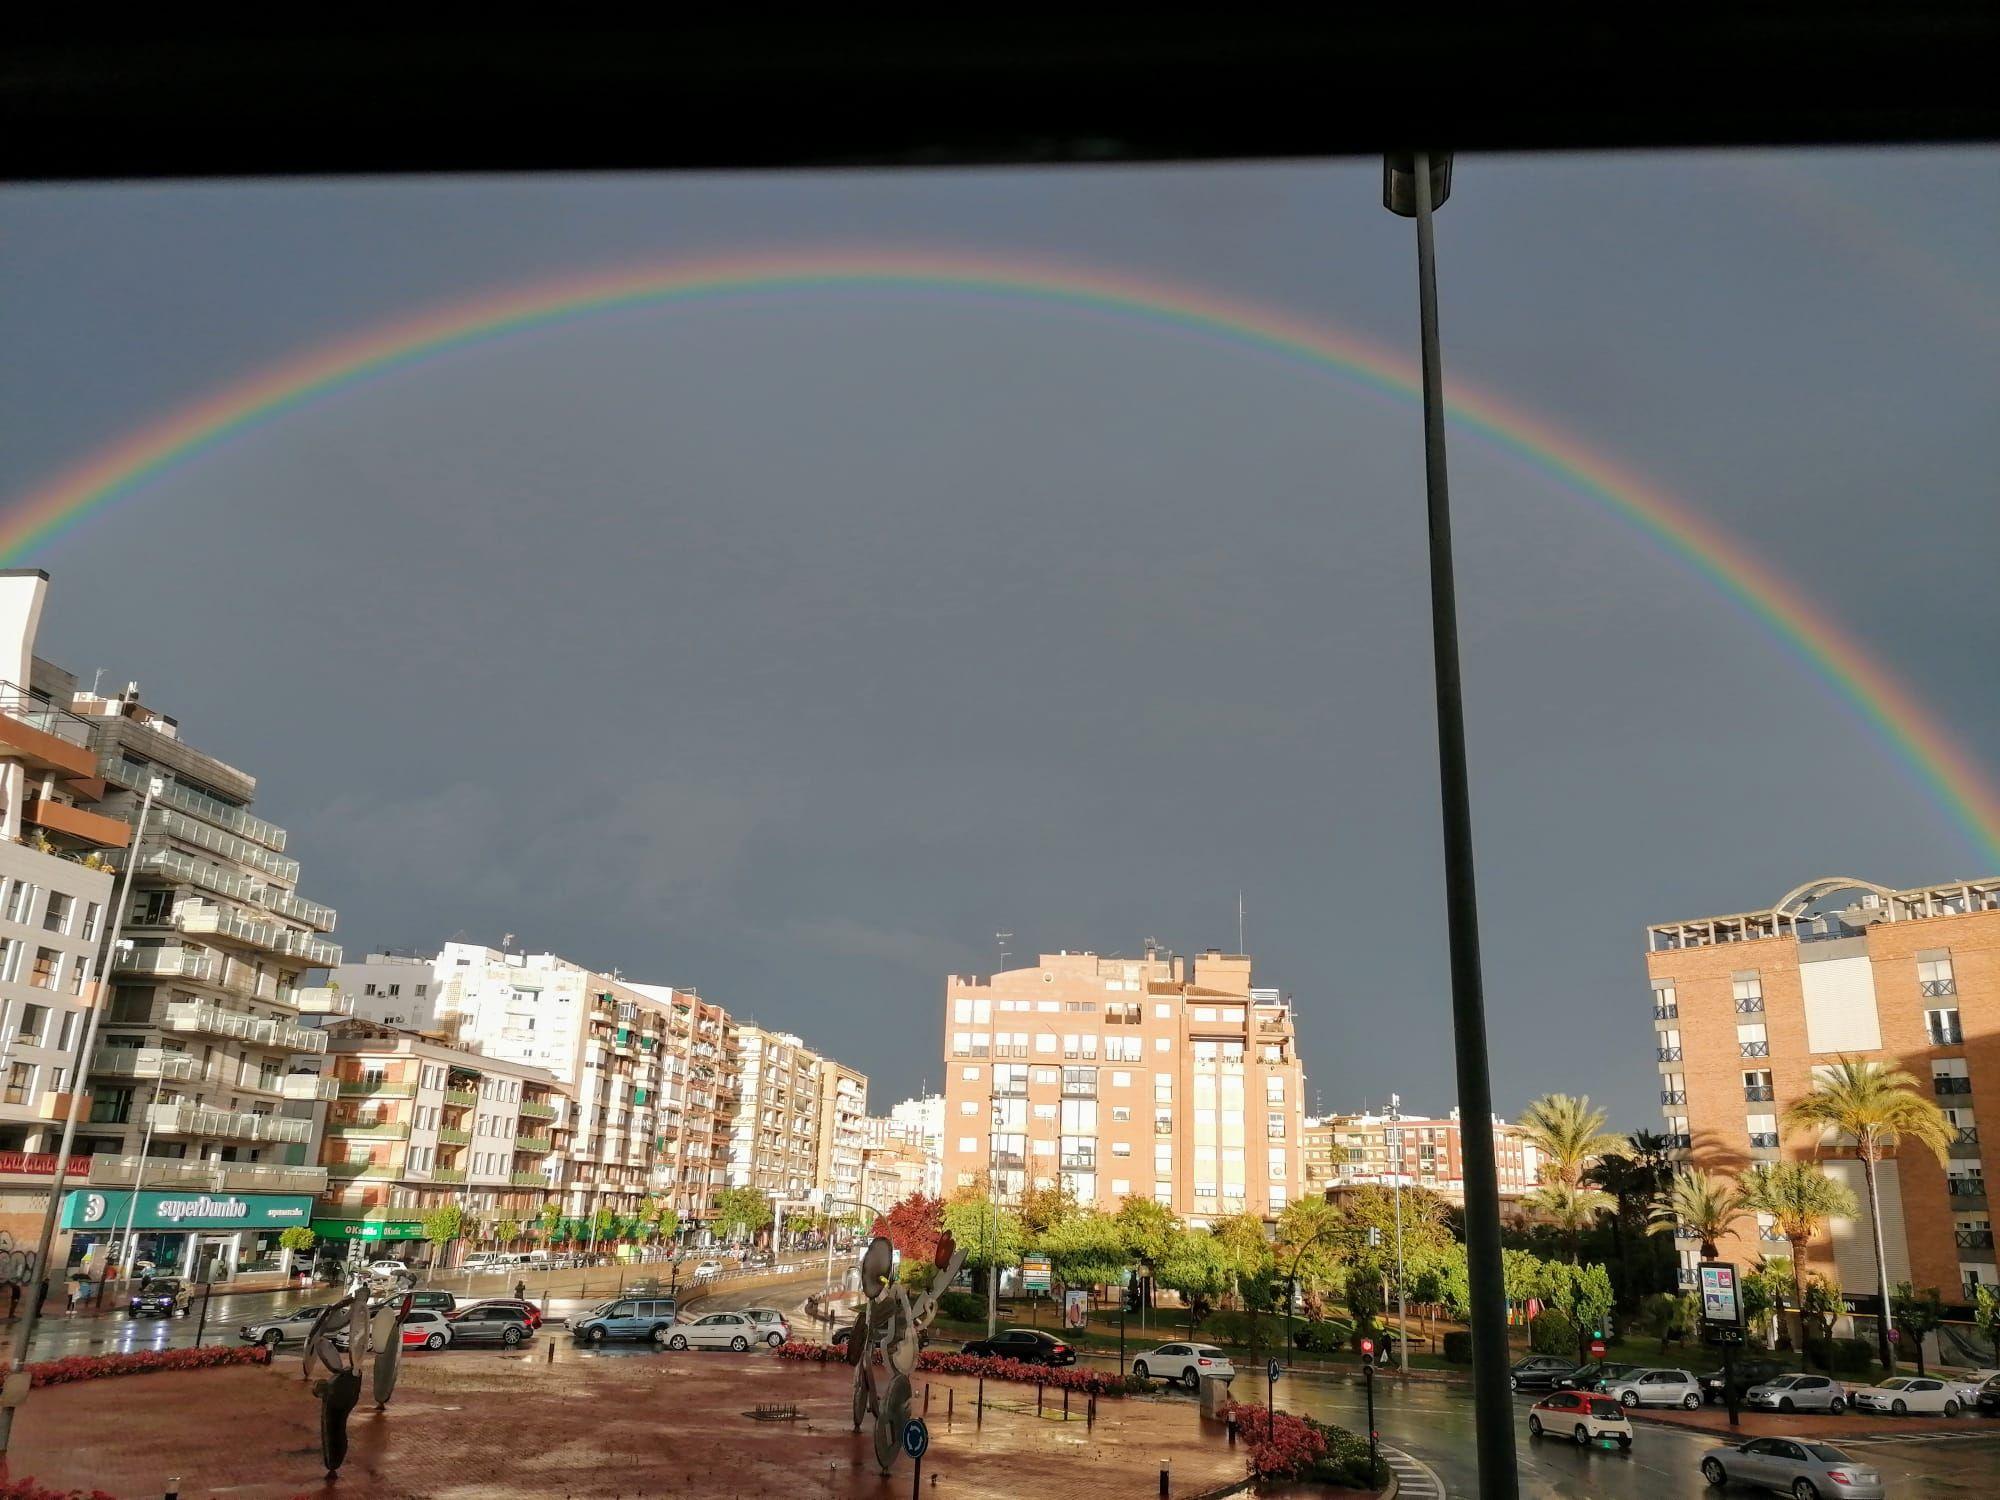 El espectacular arcoíris que ha surcado el cielo de Murcia esta tarde